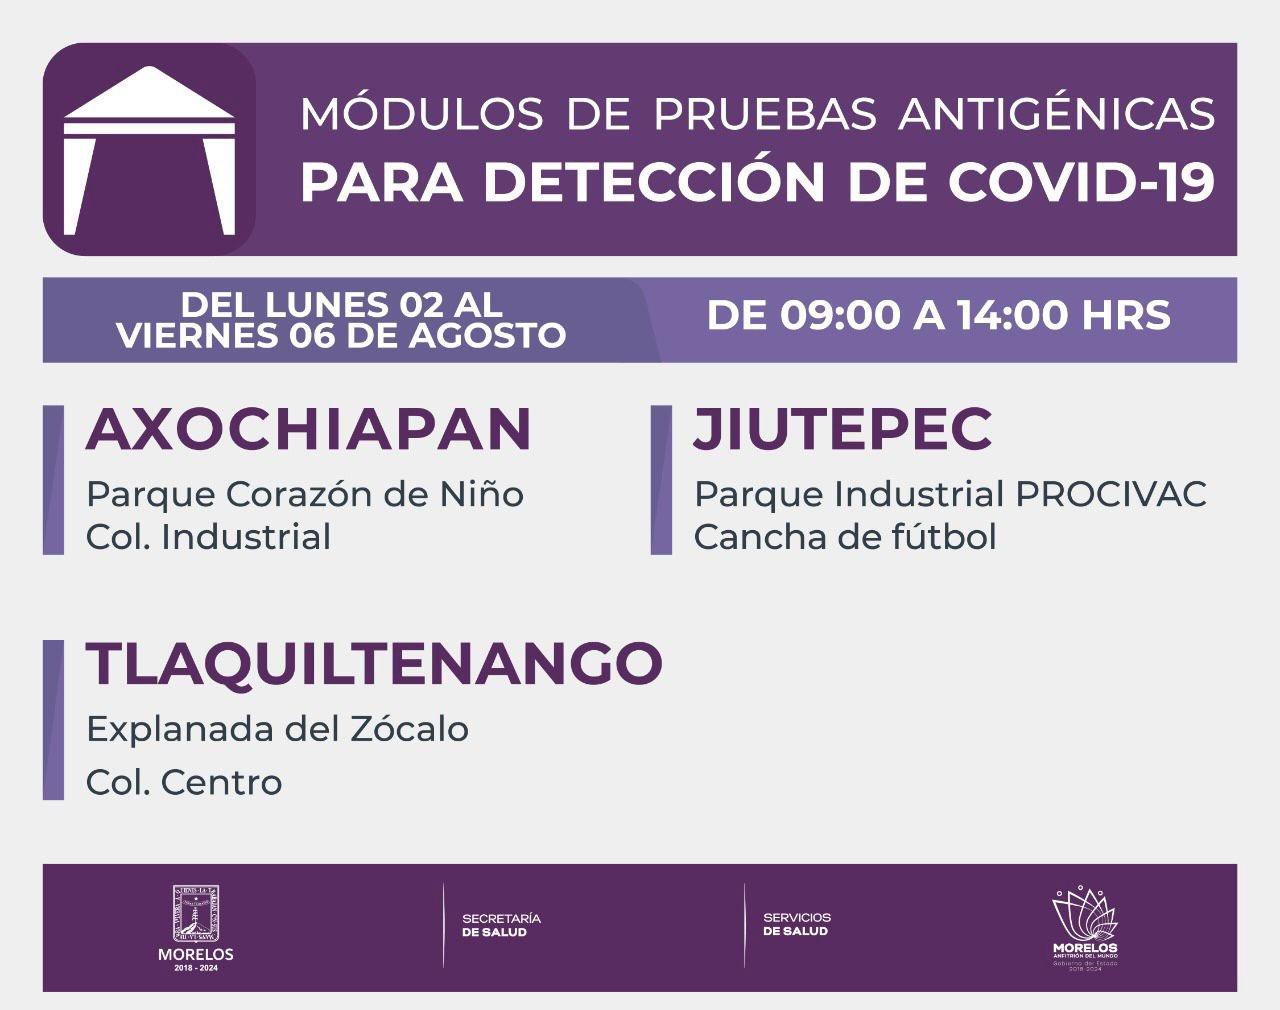 ¿Dónde Hacerte La Prueba Antigénica Para Covid-19 Esta Semana En Morelos? | Del 02 Al 06 De Agosto de 2021